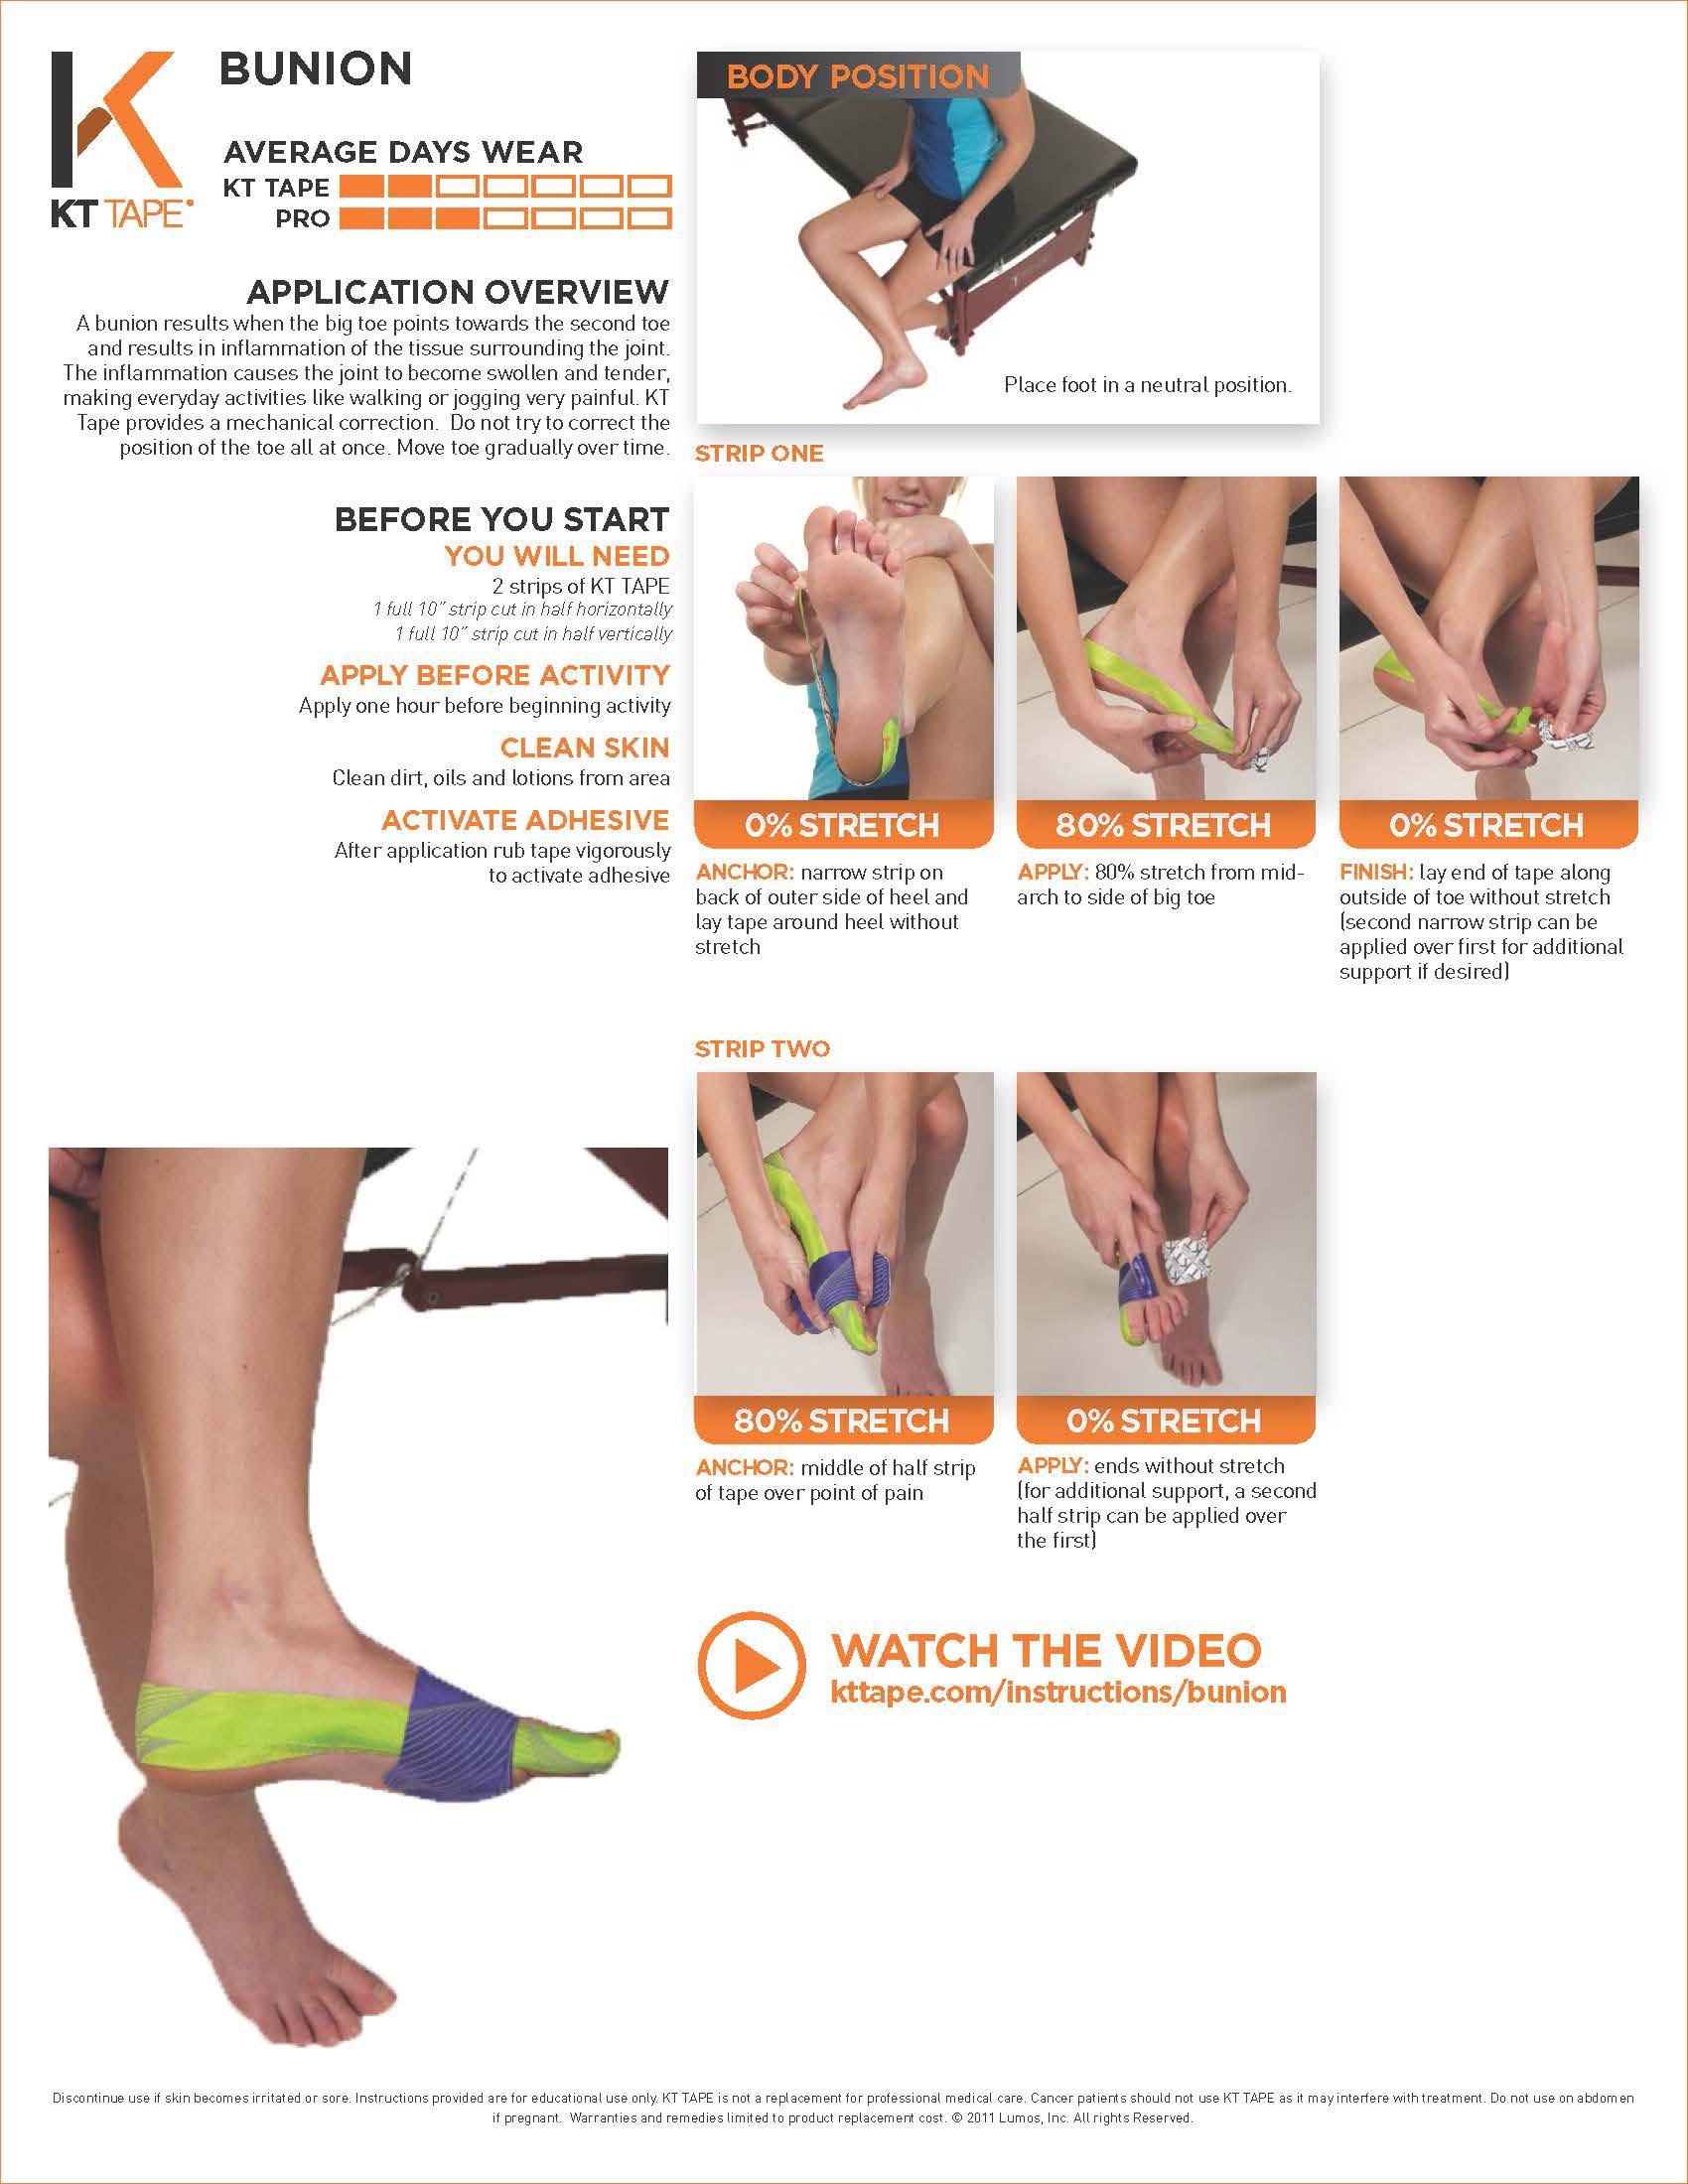 kt tape pro x instructions for shoulder